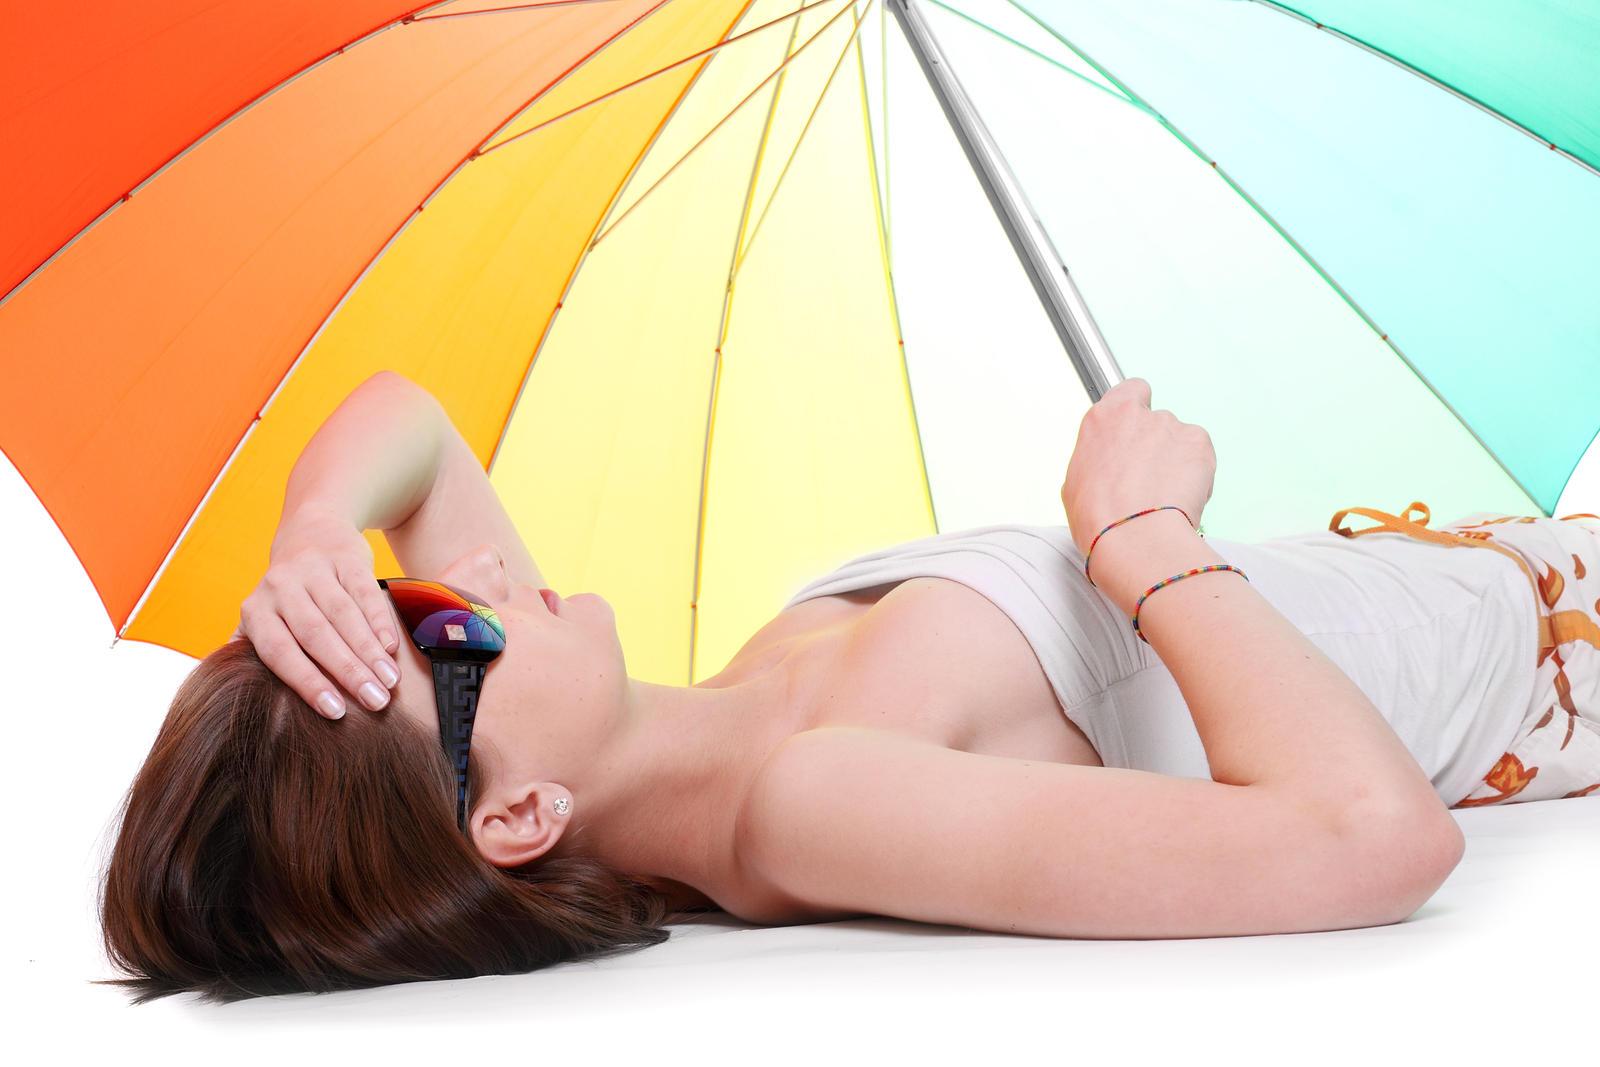 Saldus miegas = sveikas kraujo spaudimas | 4 Žingsniai